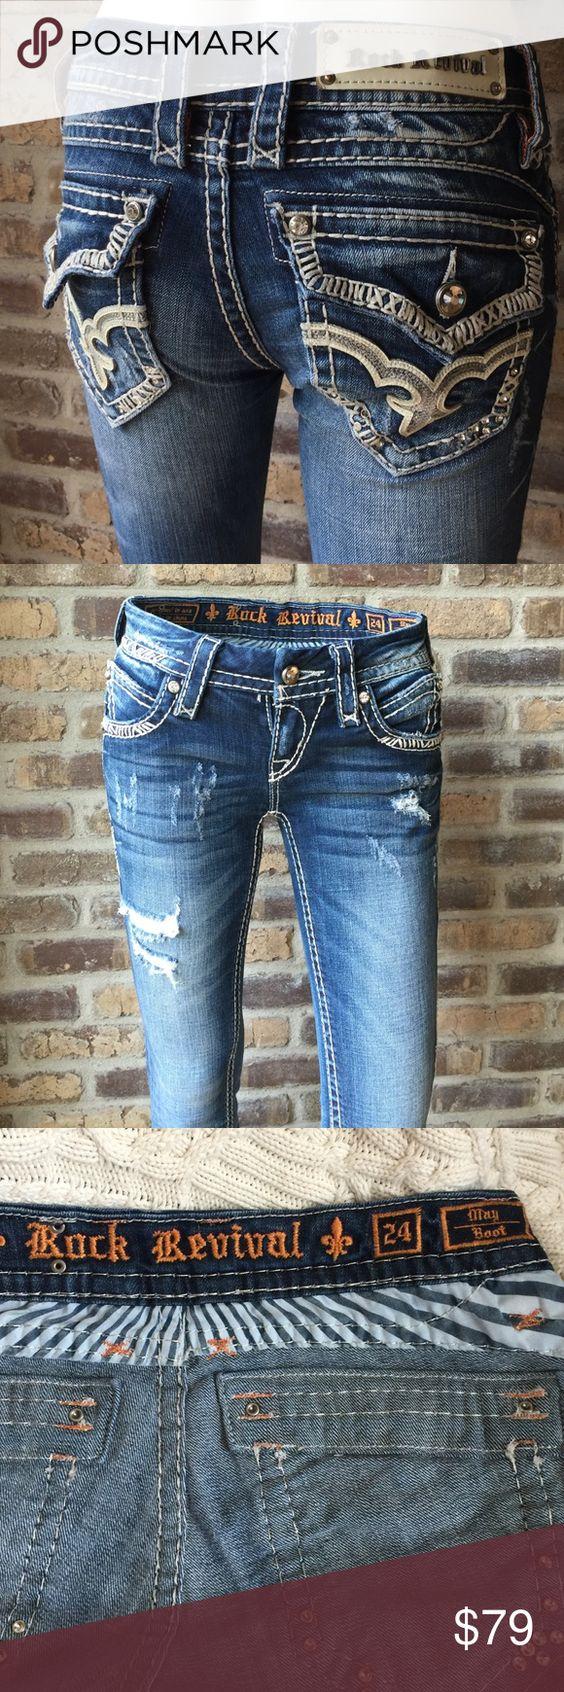 Rock Revival Jeans Rock Revival boot cut jeans size 24. Style E8343B4A. 32 inseam Rock Revival Jeans Boot Cut